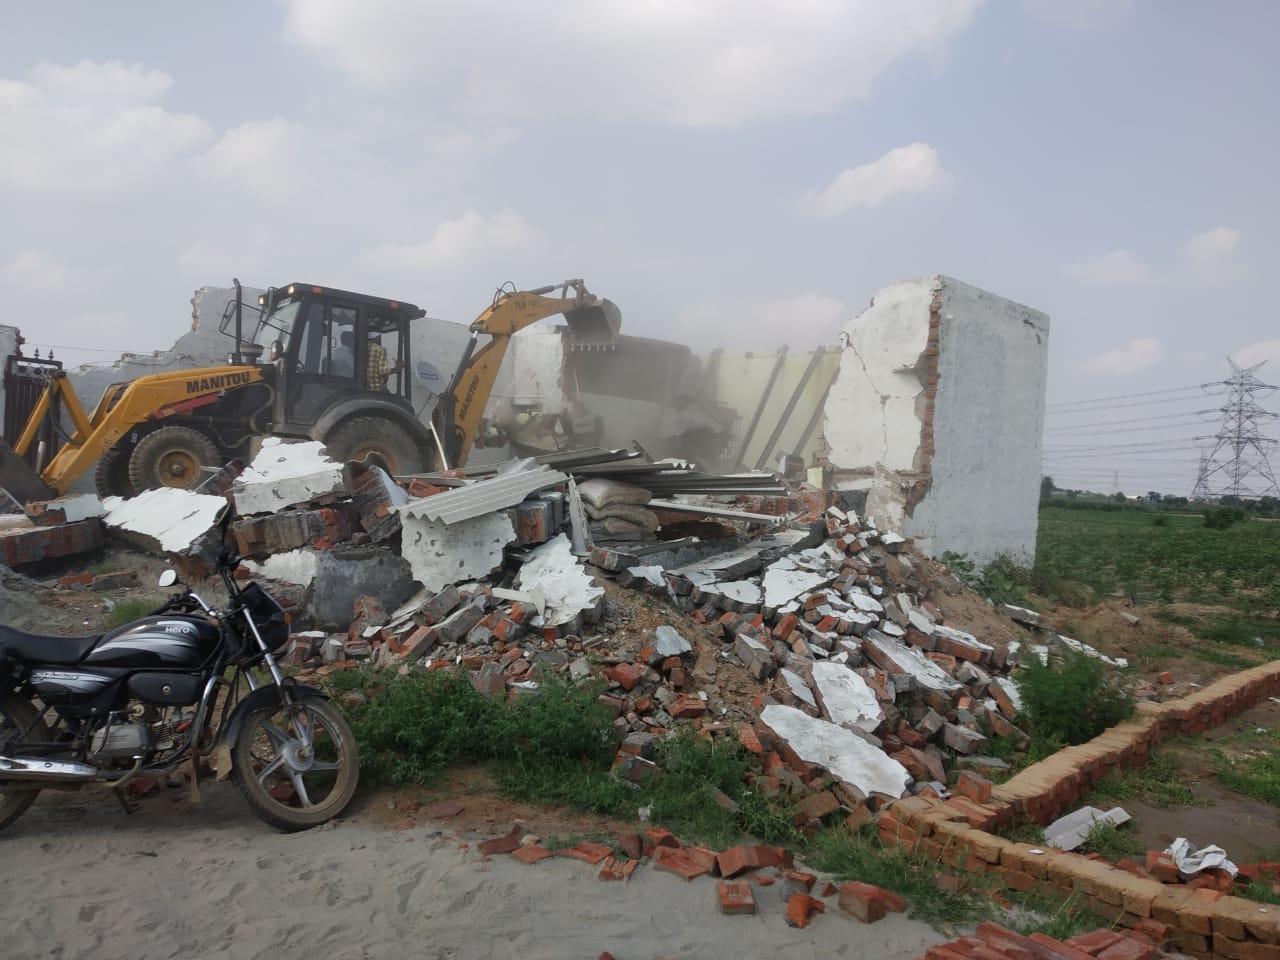 चार एकड़ में विकसित की जा रही थी काॅलोनी, डीटीपी इंफोर्समेंट ने 13 रिहायशी निर्माण व सड़कों को ध्वस्त कर दिया|फरीदाबाद,Faridabad - Dainik Bhaskar